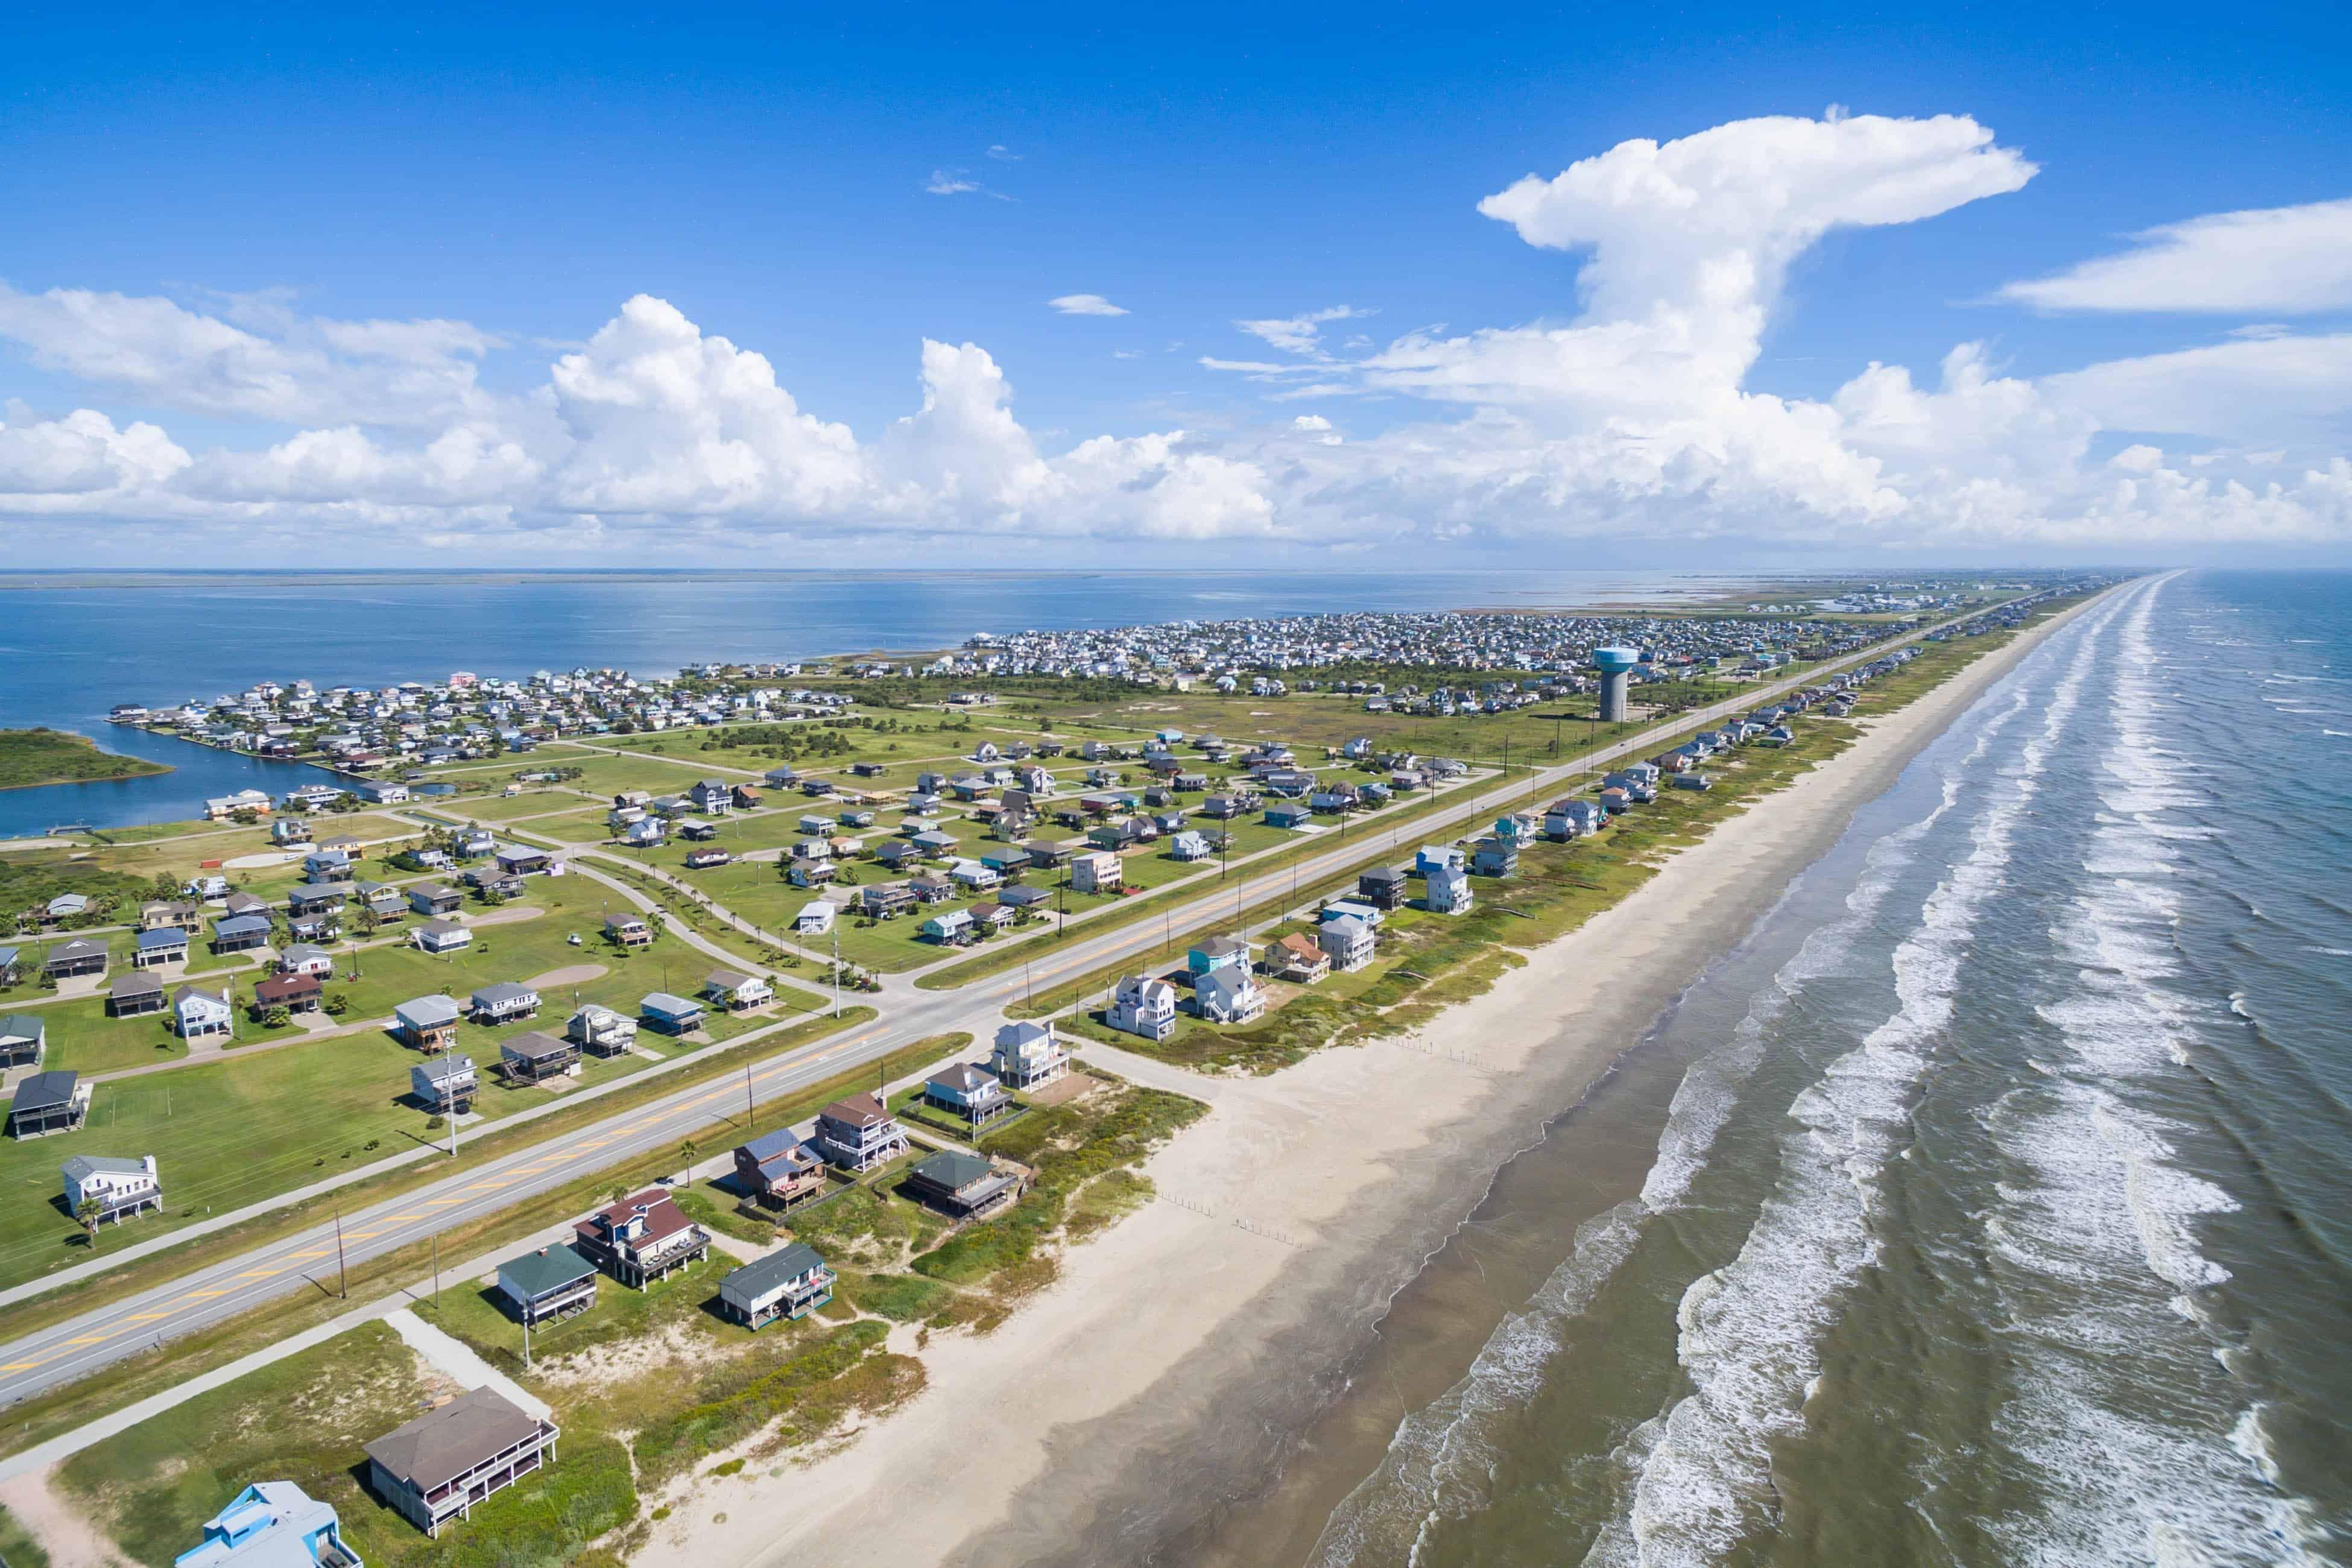 Ariel view of beach houses in Galveston, TX